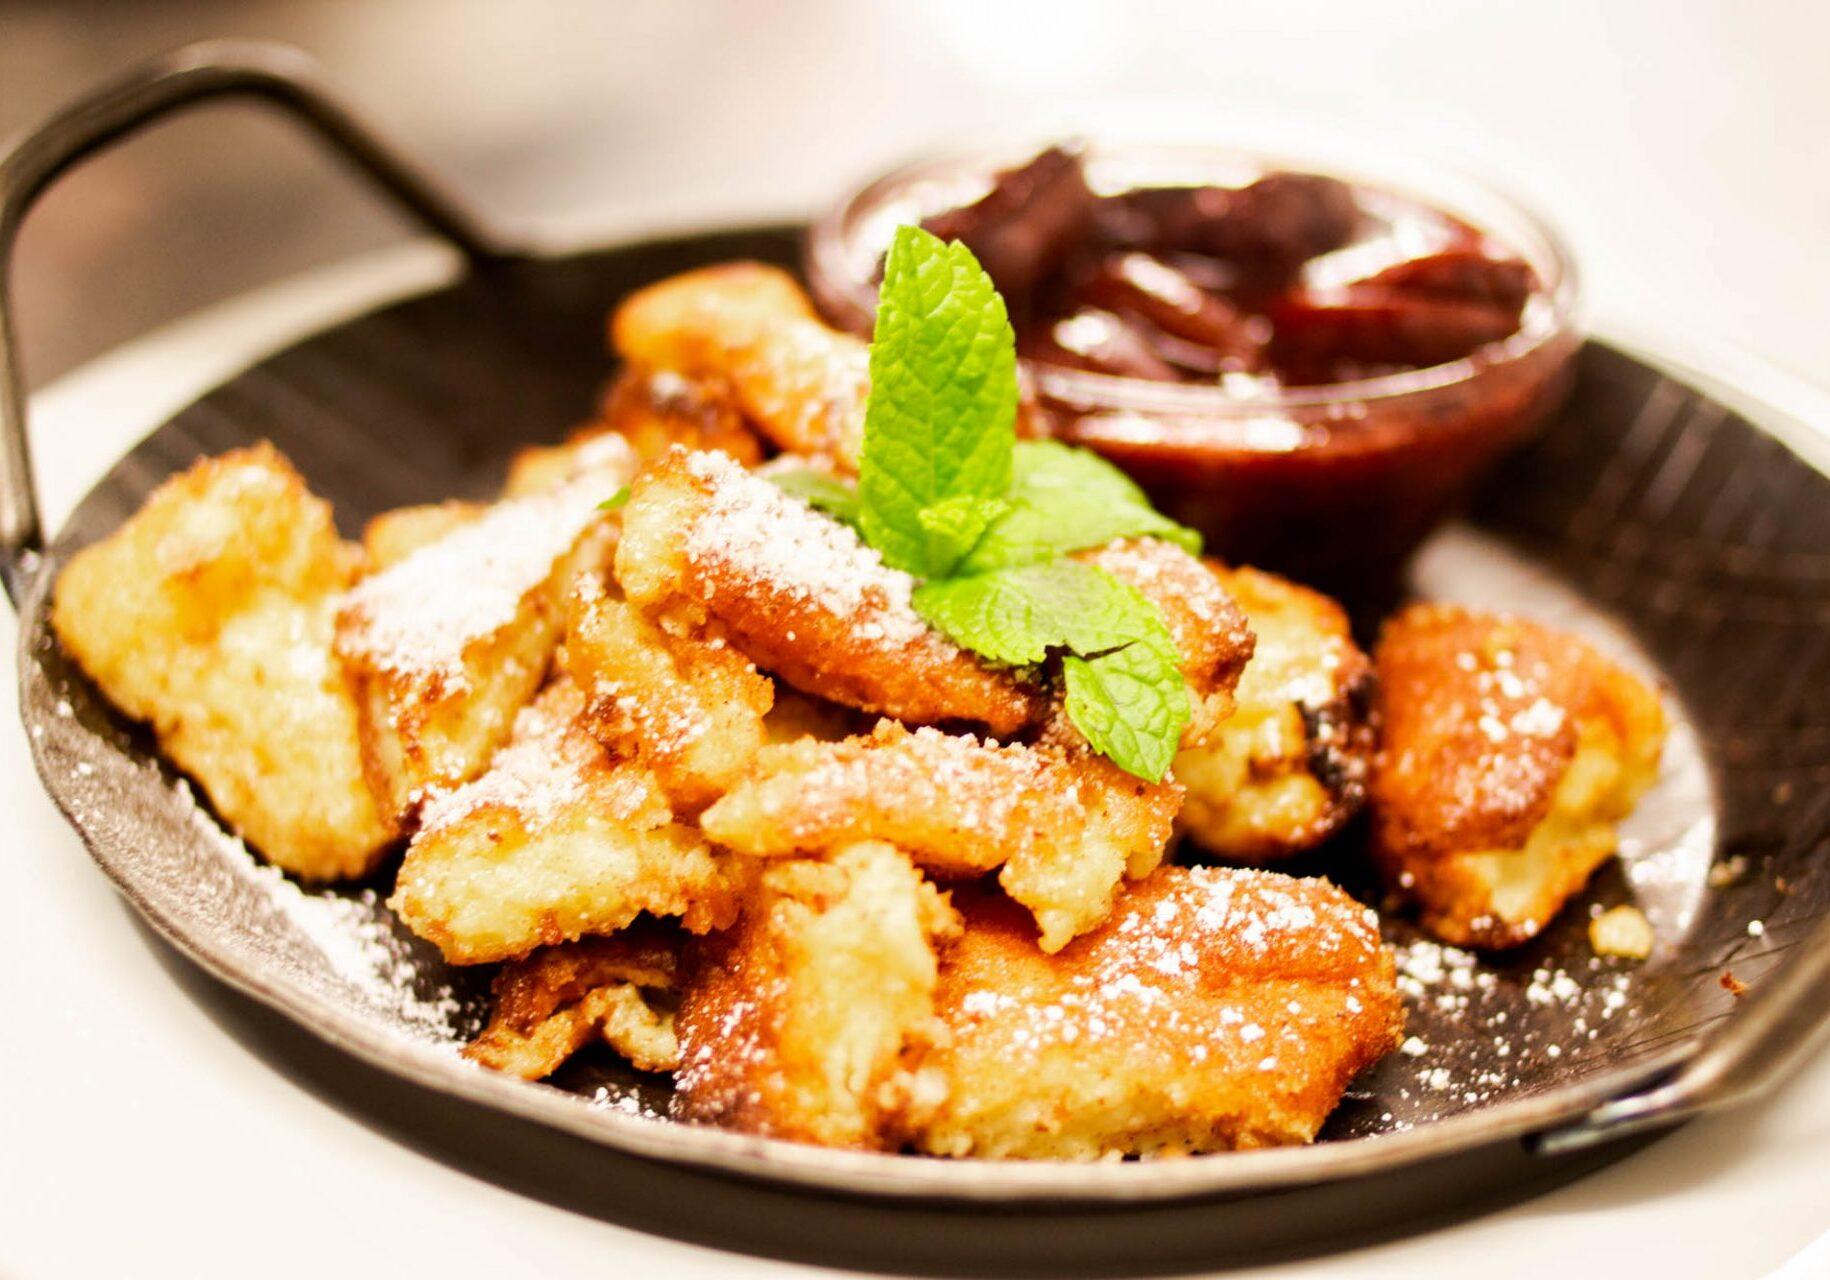 gavesi-restaurant-eching-04062020-41